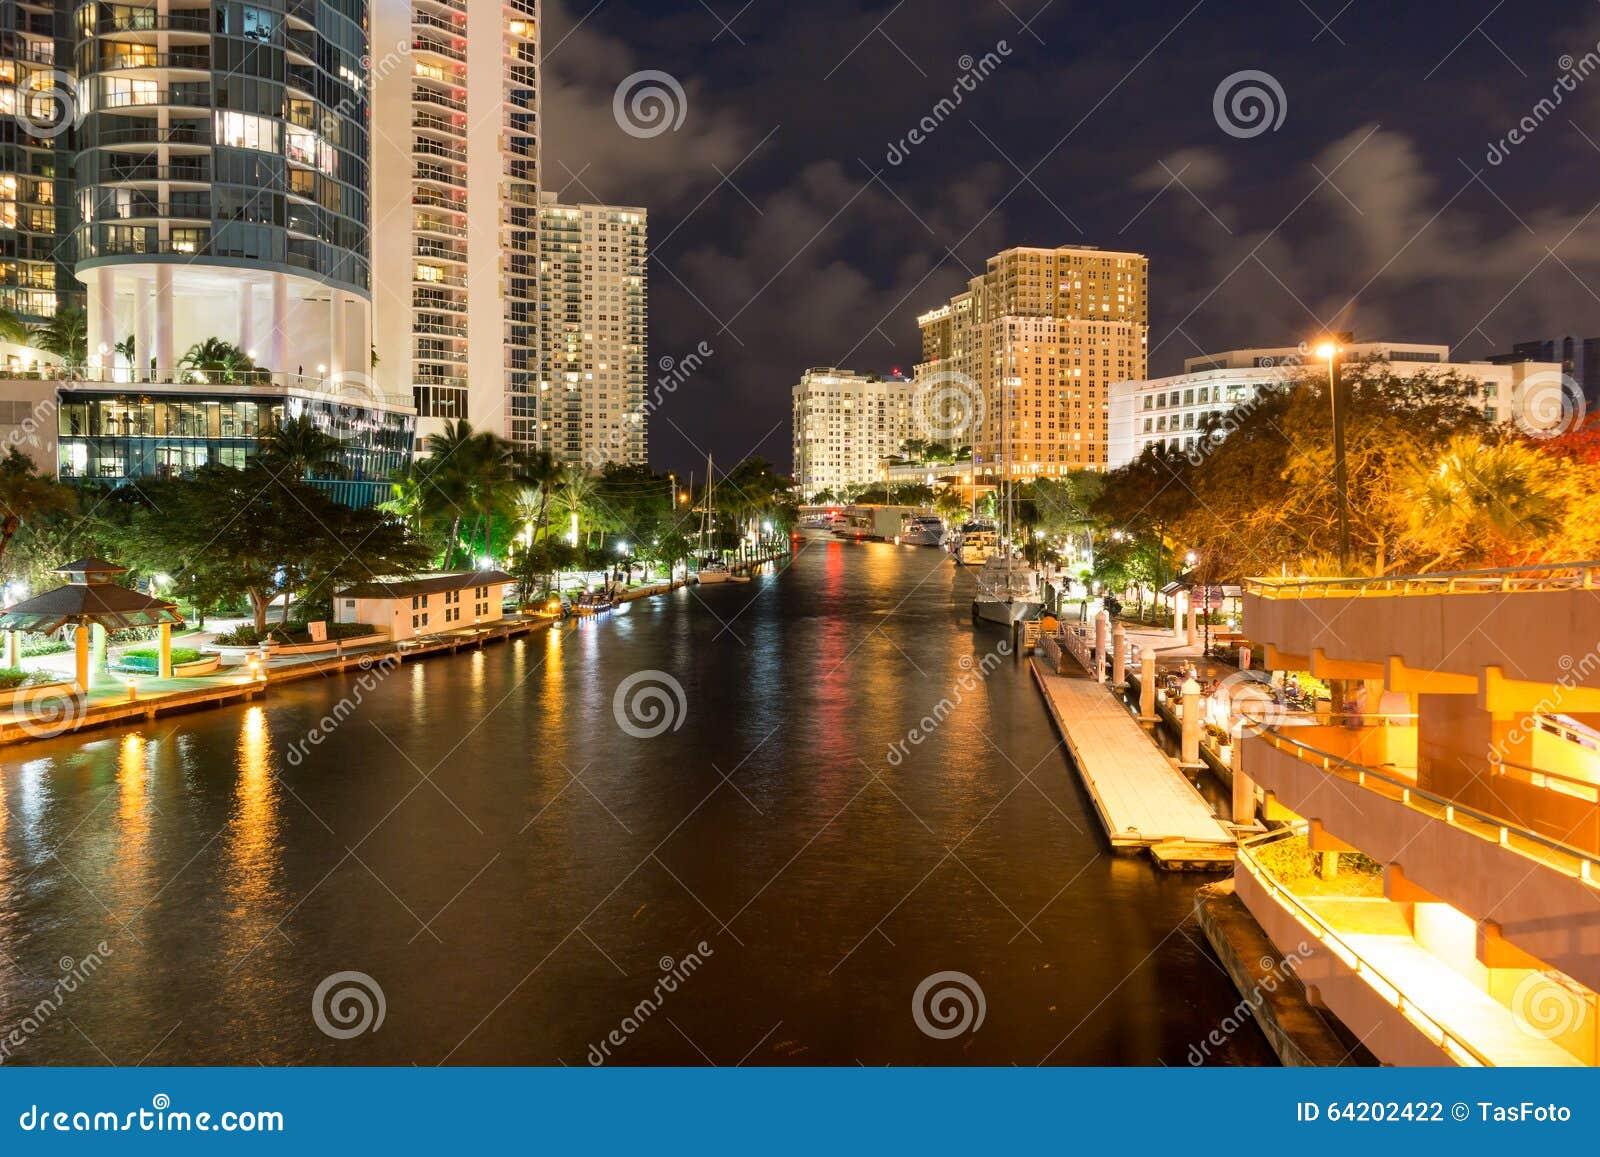 Nuevo río en el pie céntrico Lauderdale en la noche, la Florida, los E.E.U.U.